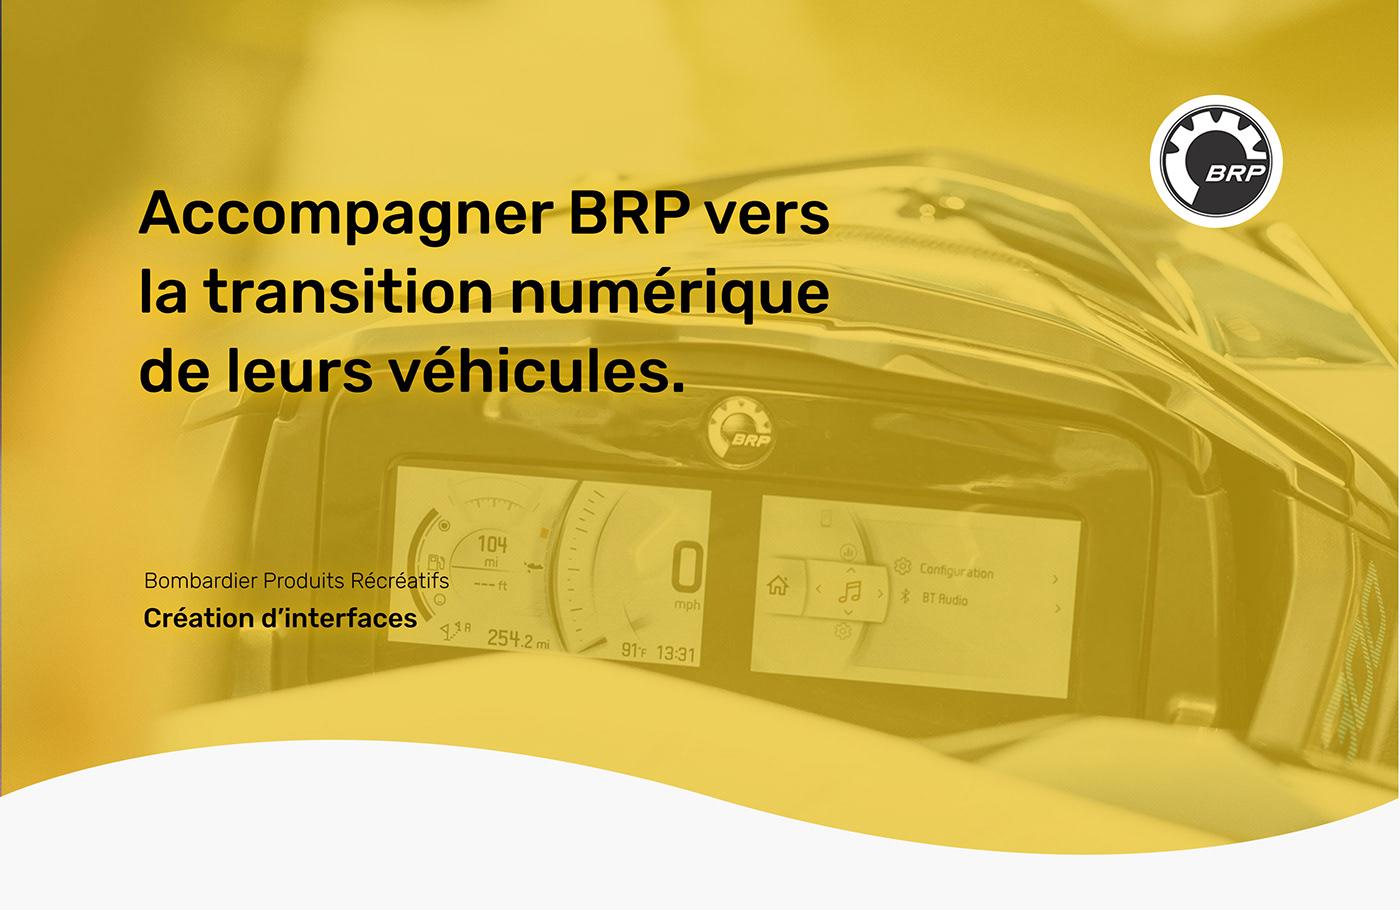 Accompagner BRP vers la transition numérique de leurs véhicules.